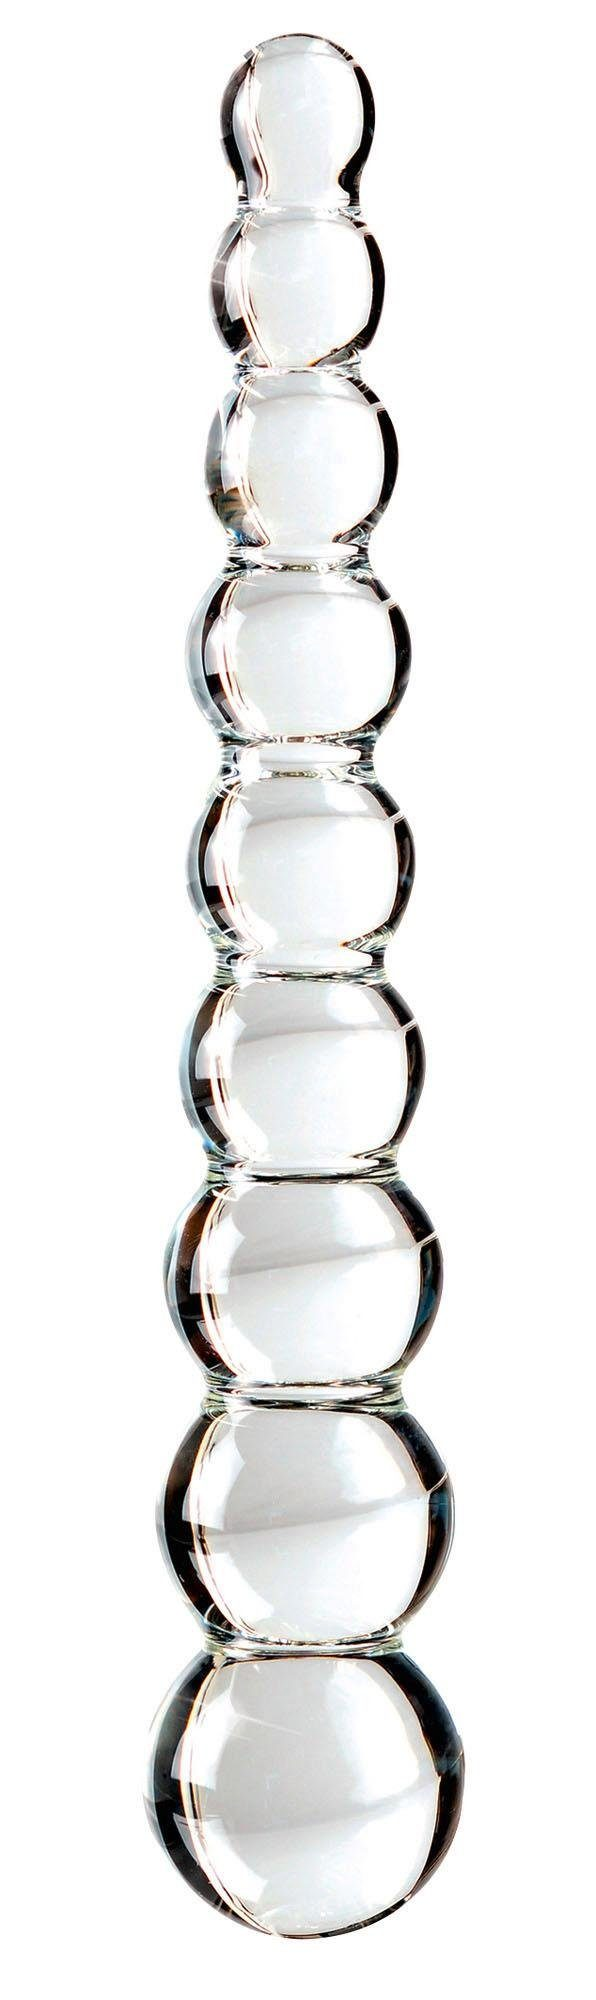 Icicles Glasdildo Icicles No. 2, Glas-Dildo mit 9 unterschiedlich großen Reizkugeln